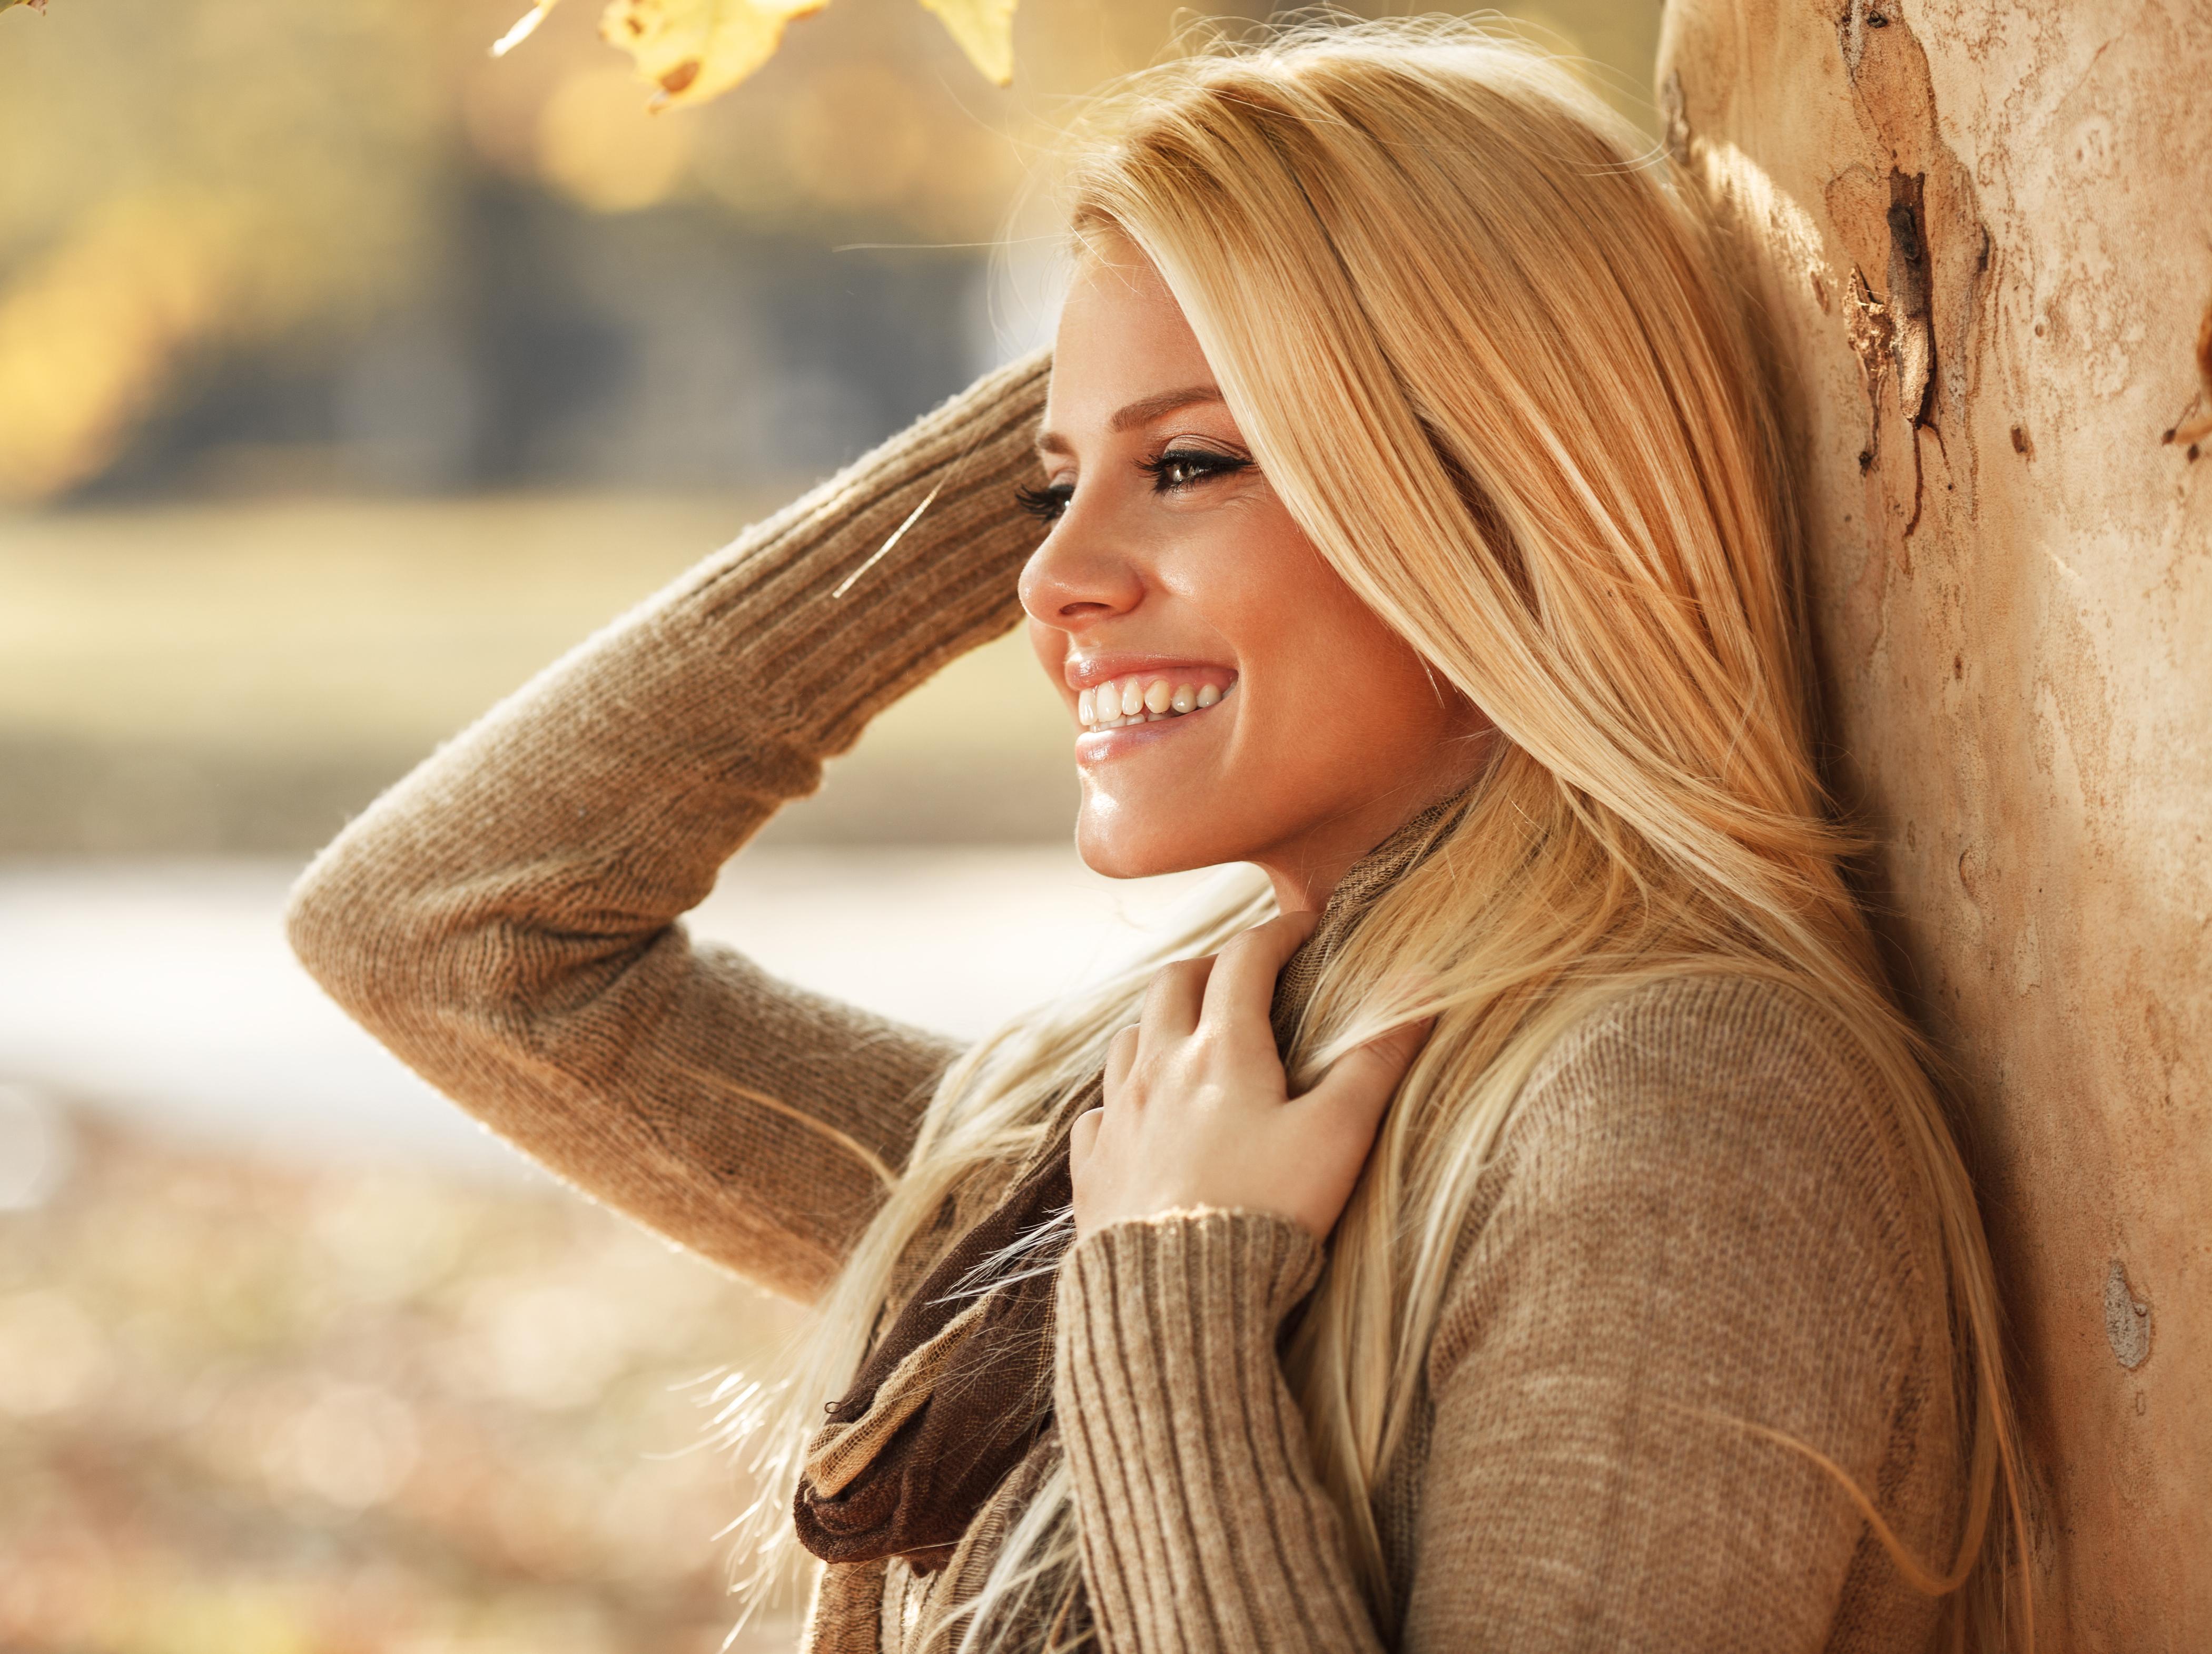 Картинка для аватарки блондинка